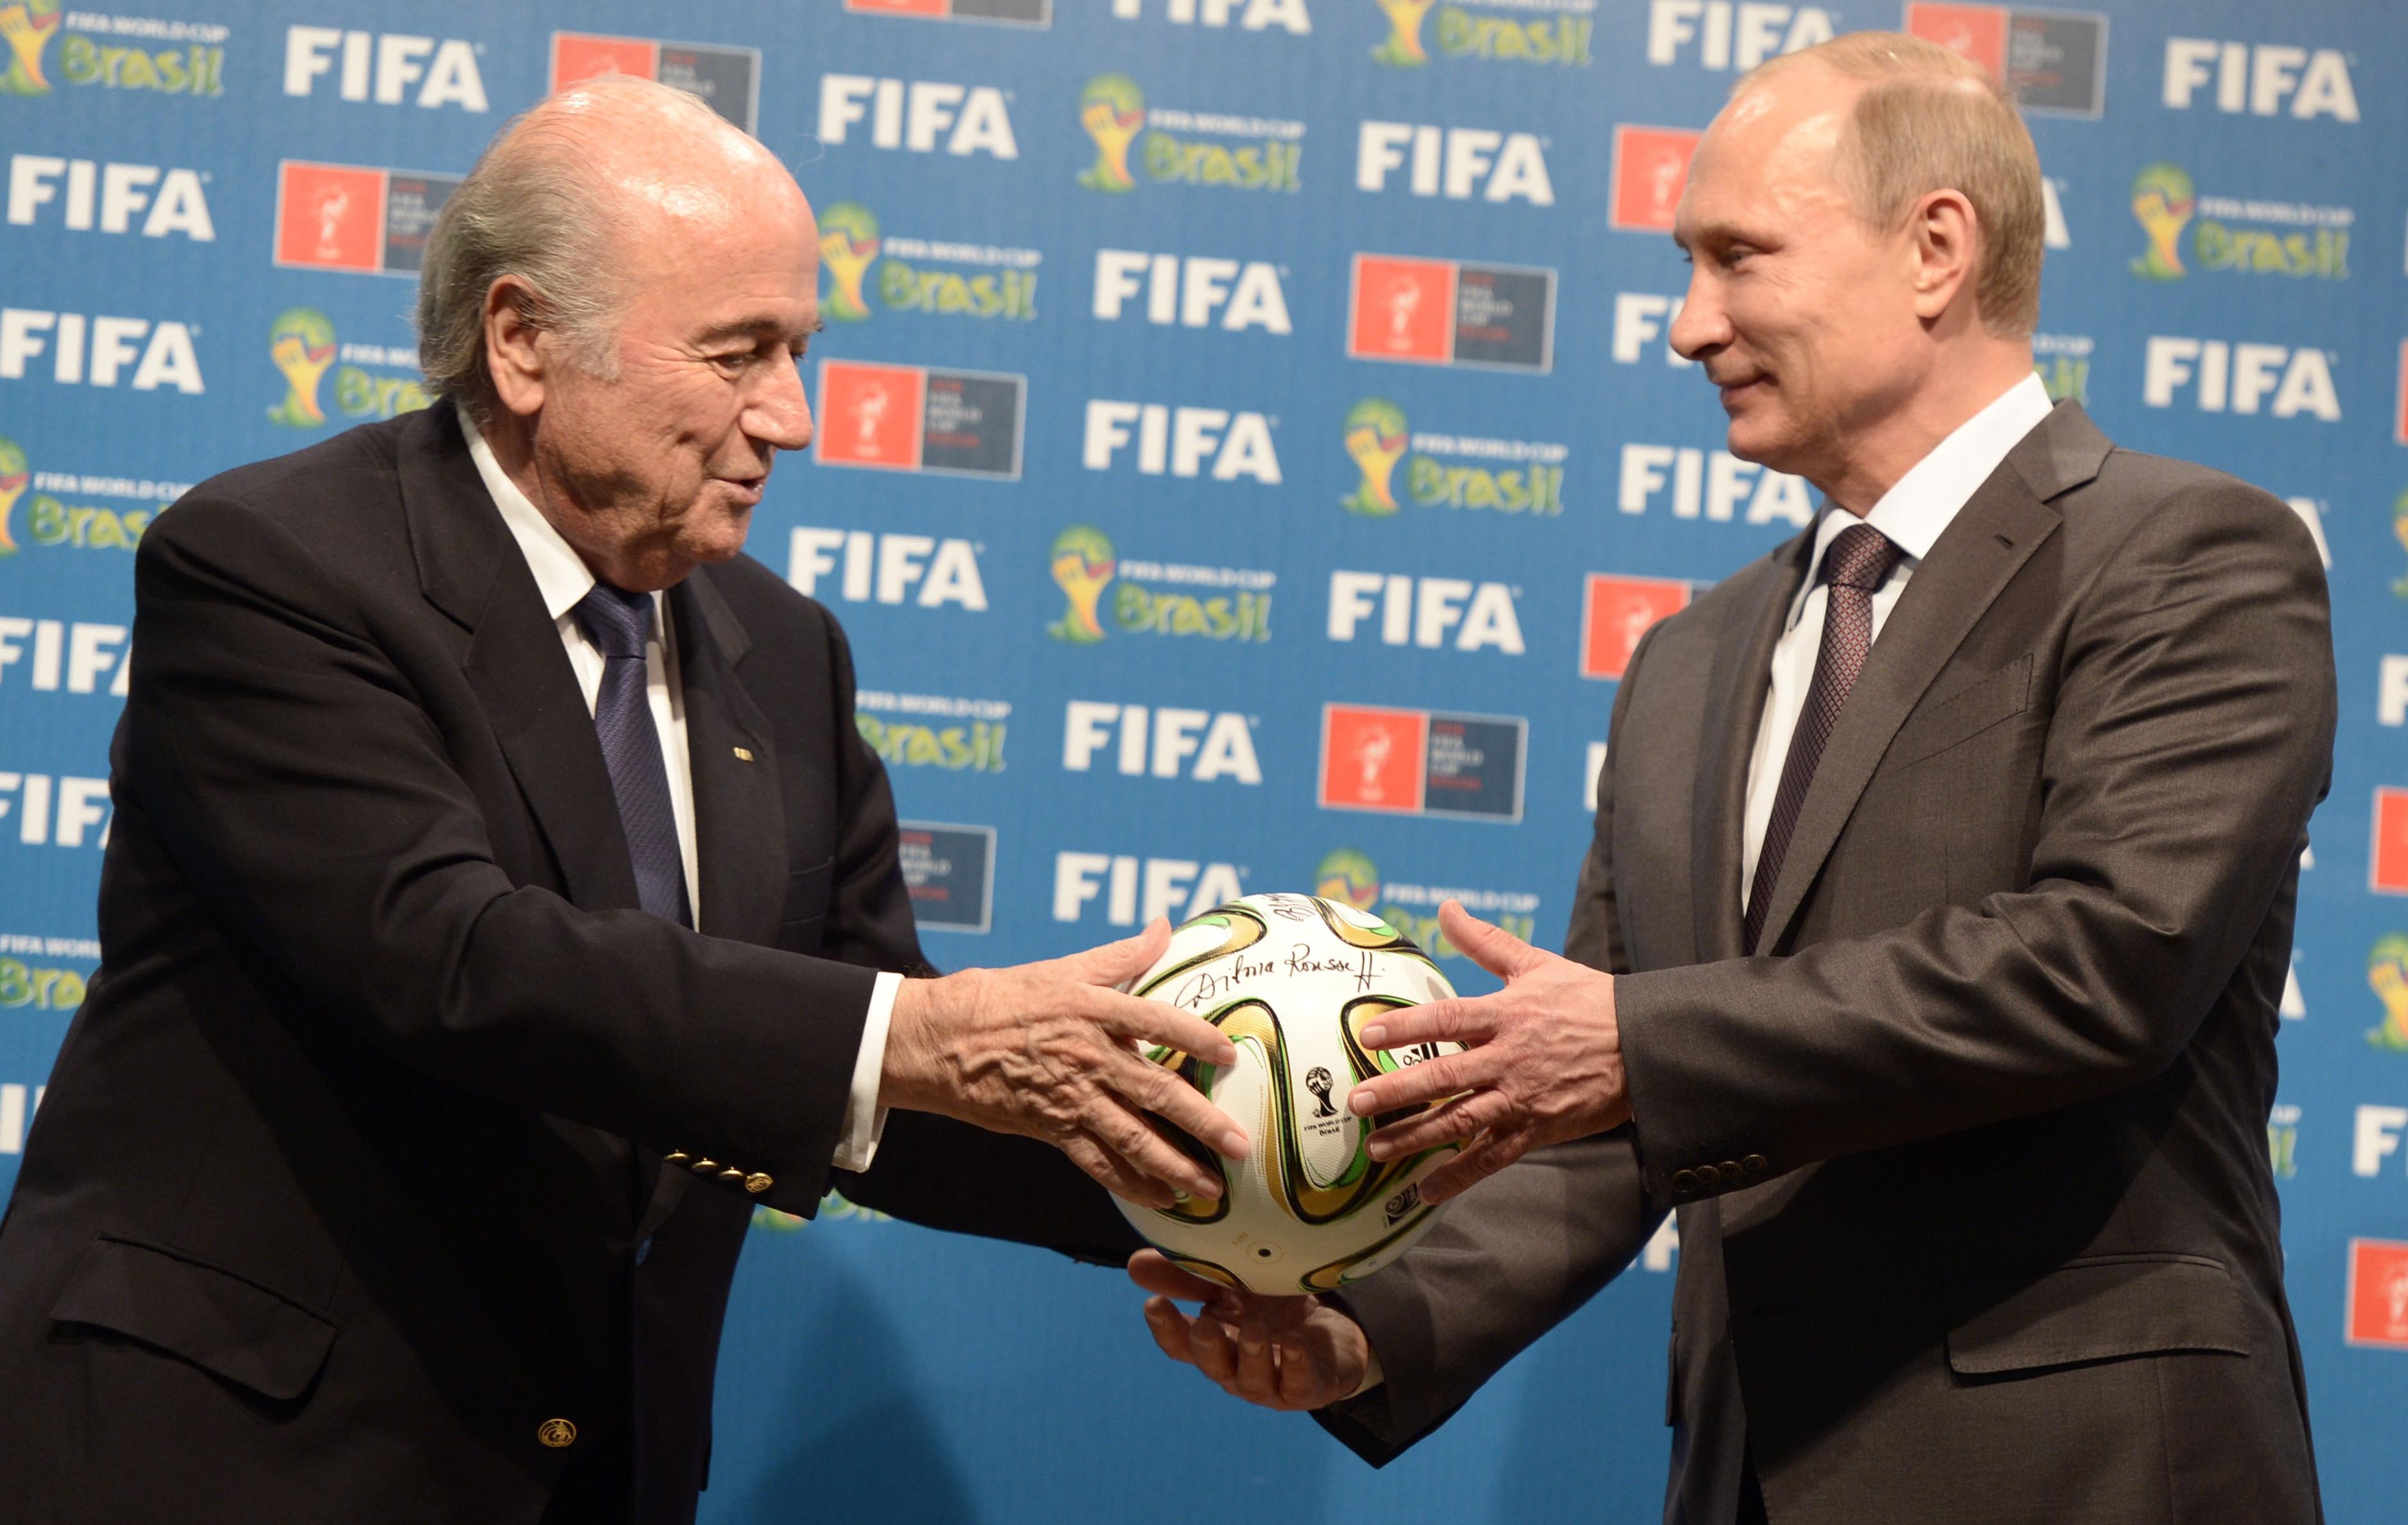 Coupe du monde 2018 la russie prend le relais du br sil 2014 br sil coupe du monde football - Lieu coupe du monde 2018 ...